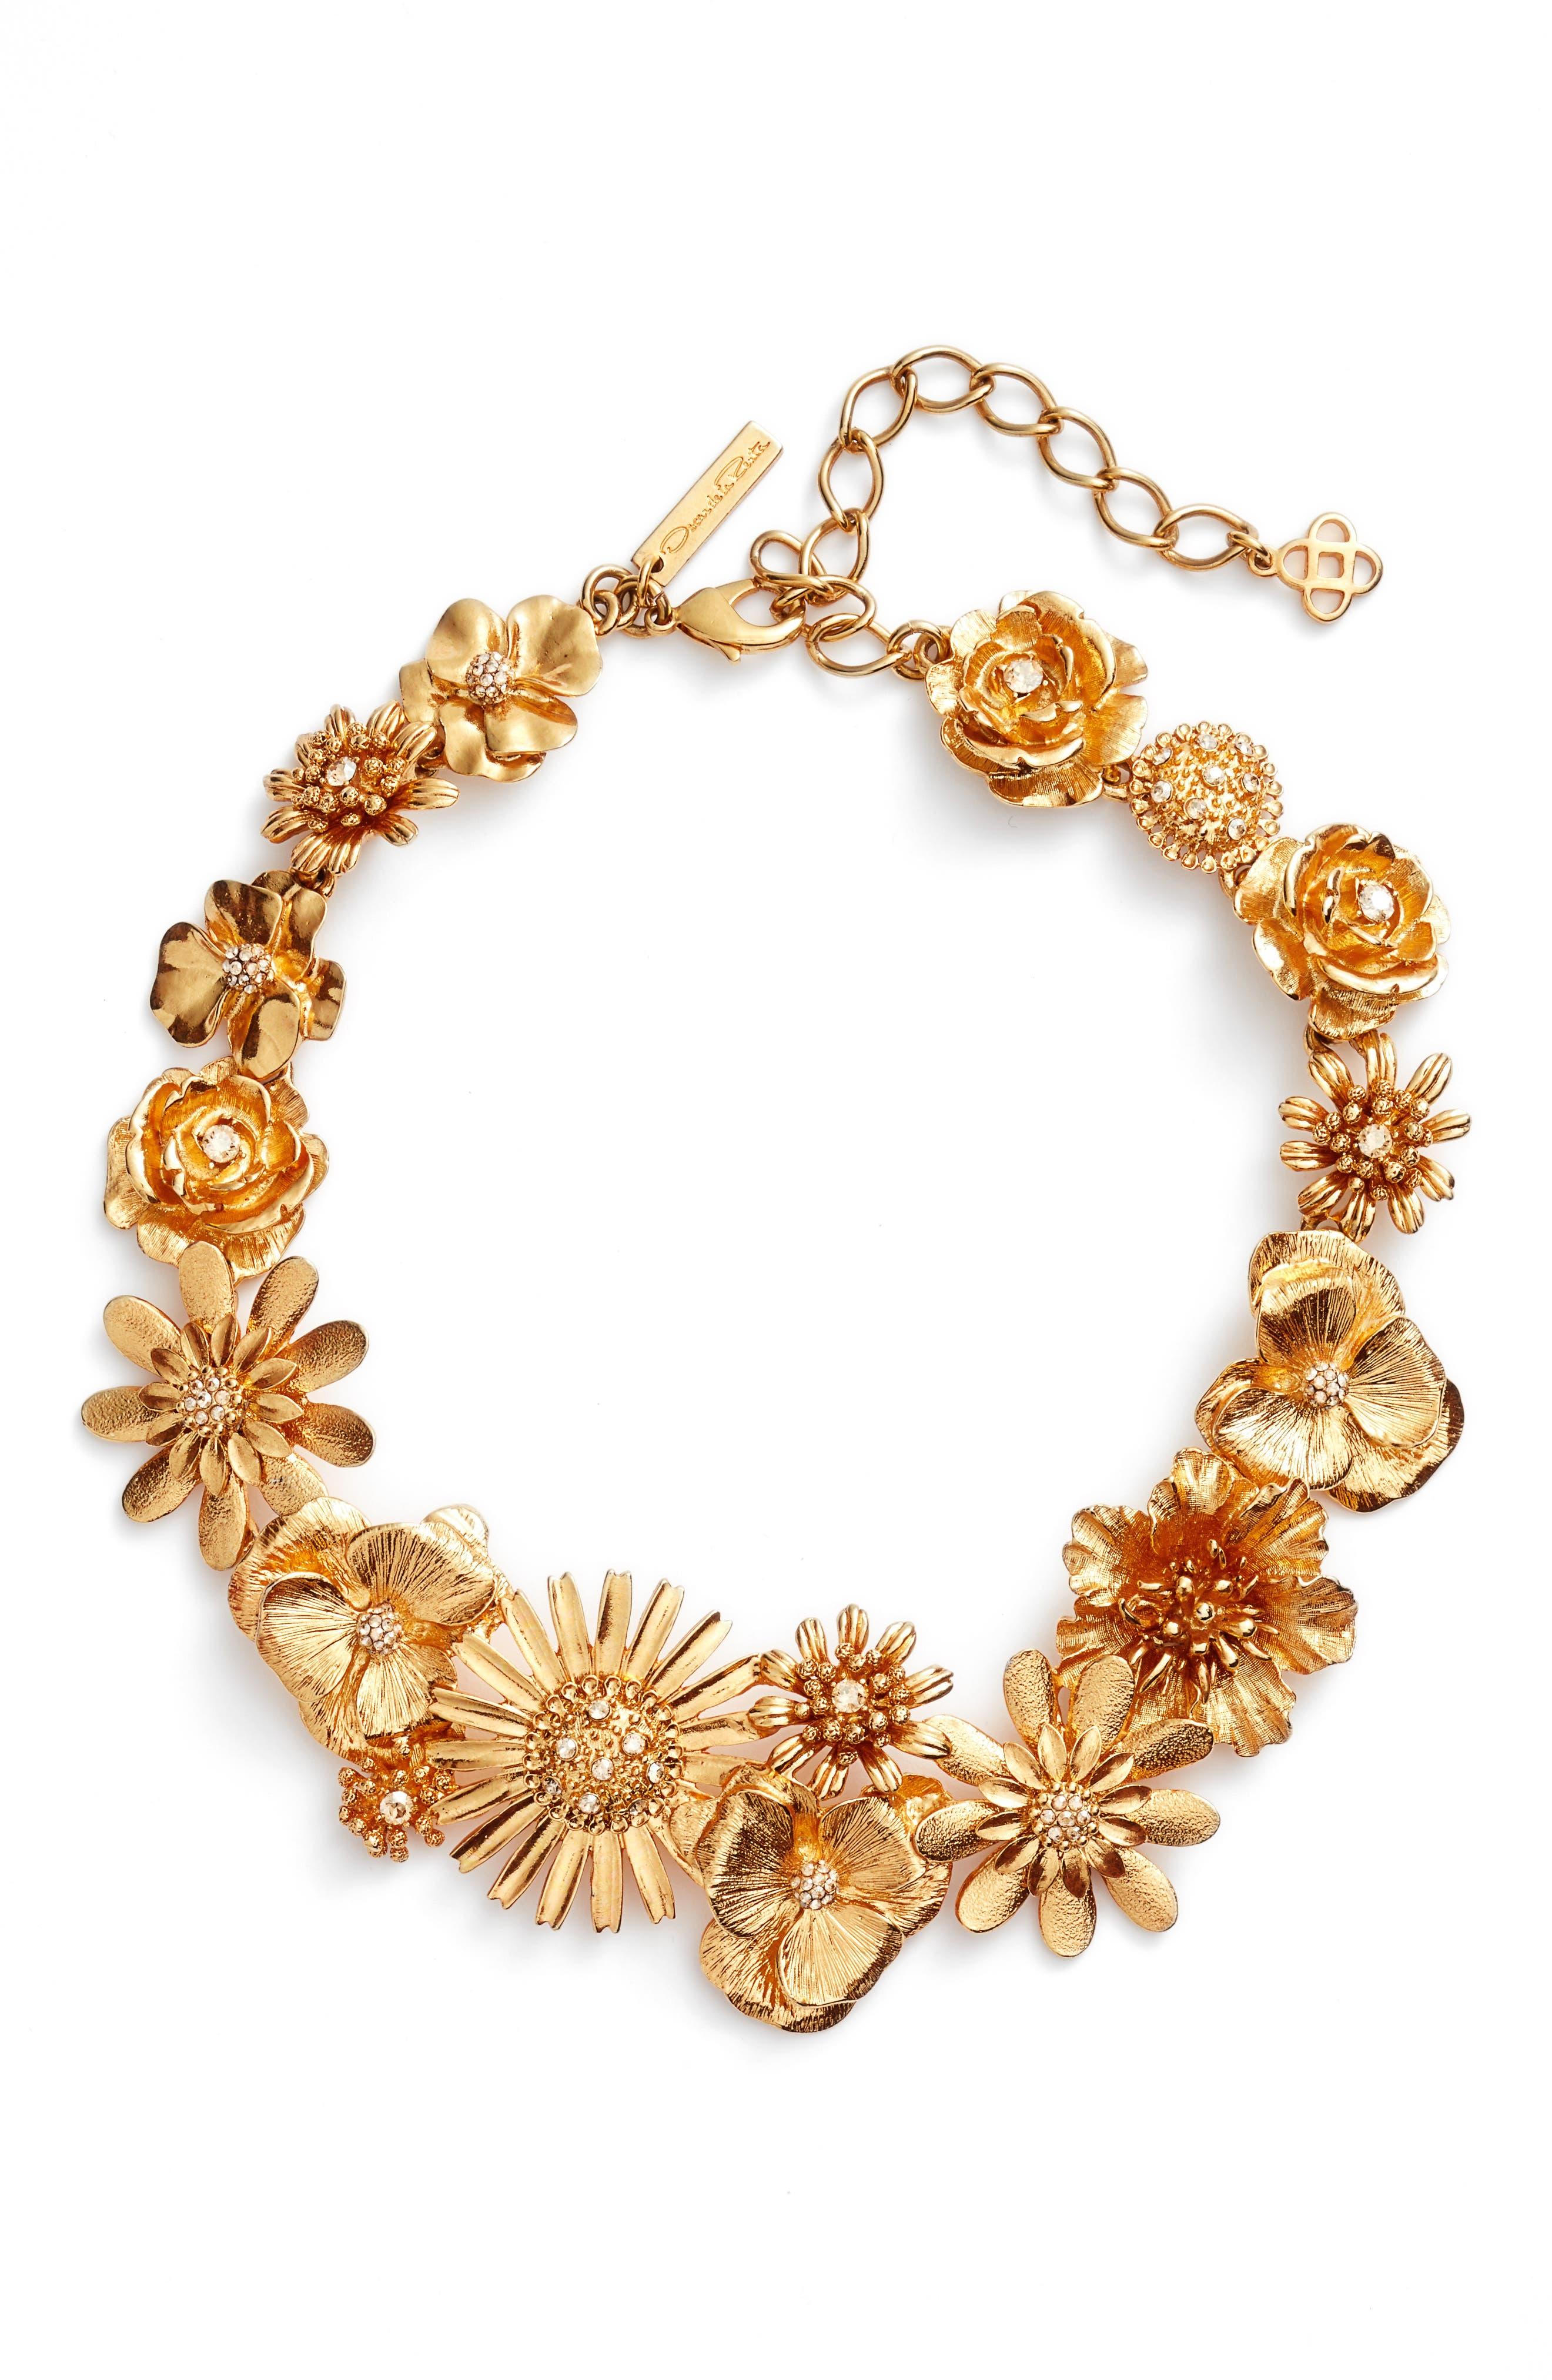 Main Image - Oscar de la Renta Gilded Floral Collar Necklace